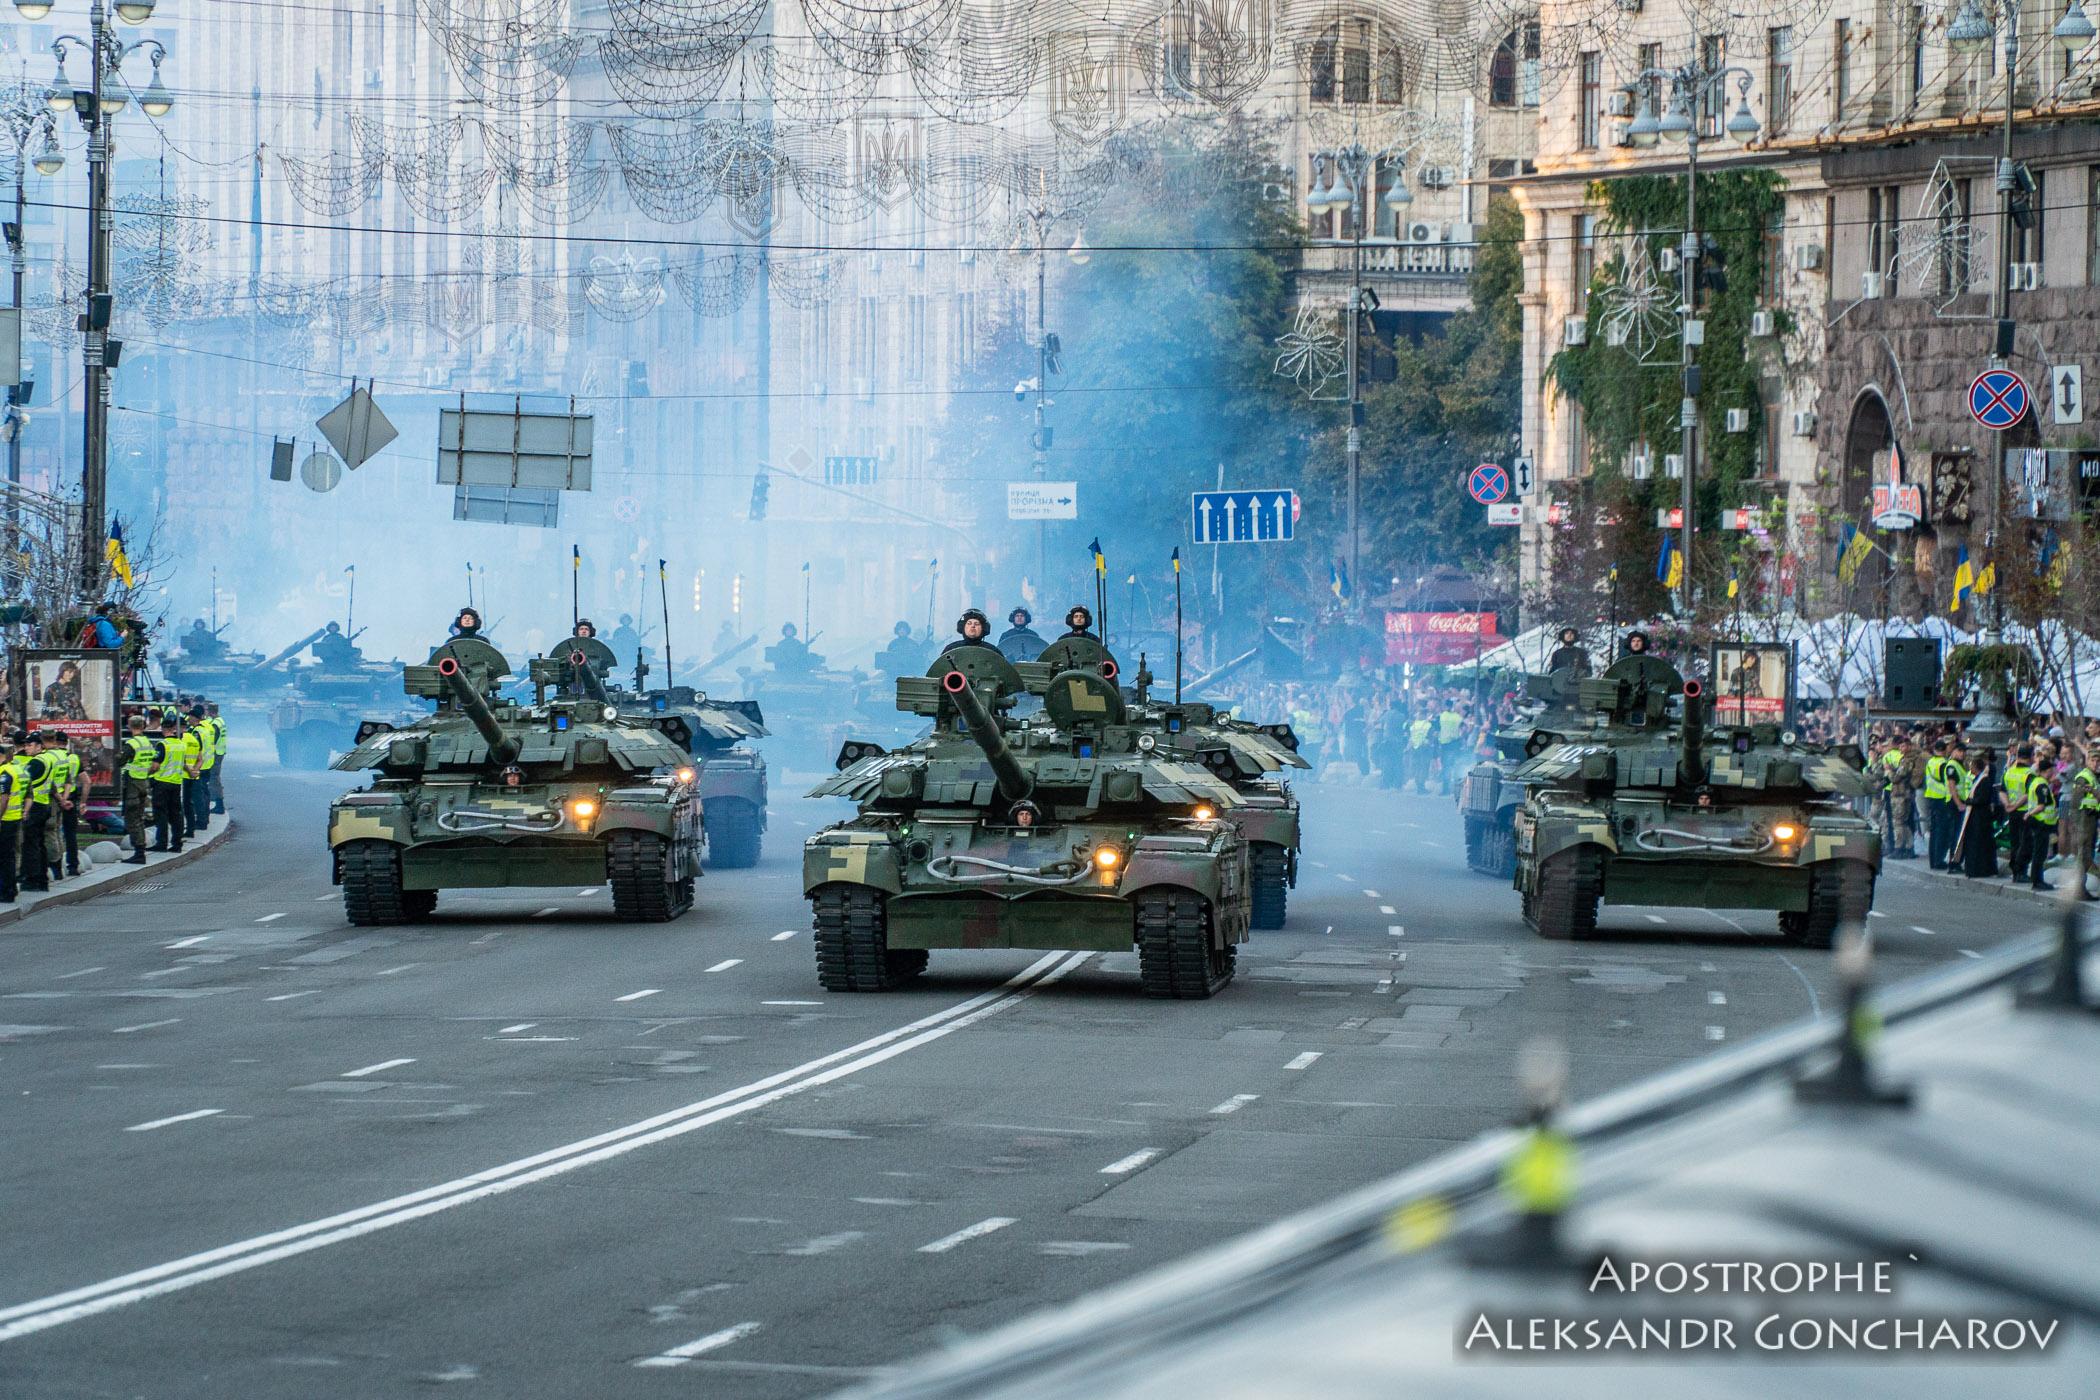 Вооруженные силы Украины продемонстрировали новые образцы оружия